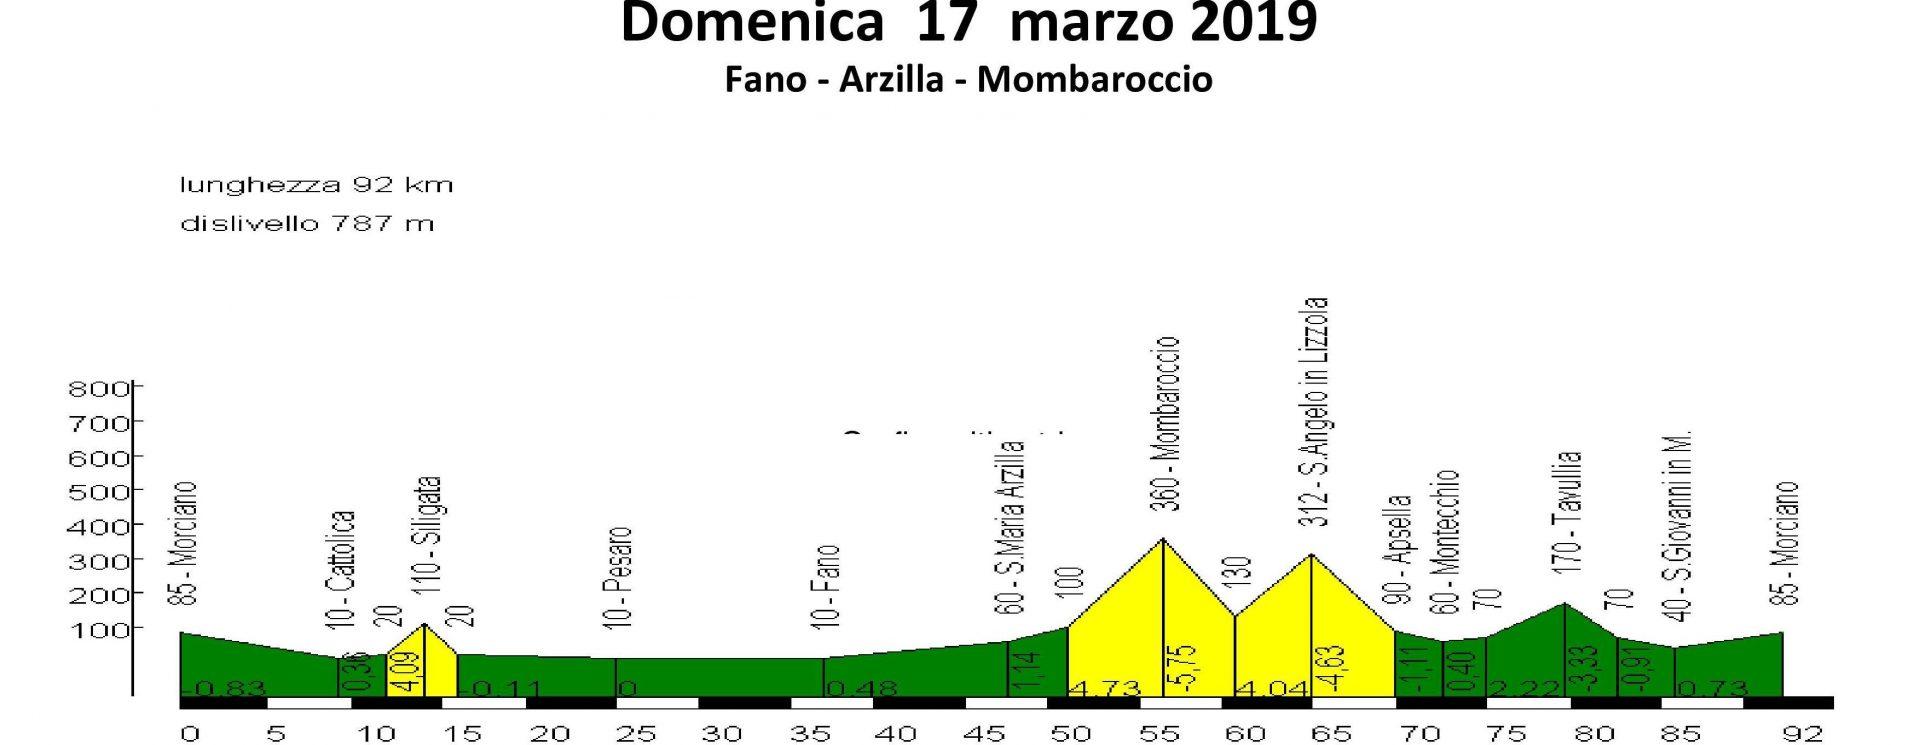 Domenica 17-mar-2019 Fano – Mombaroccio